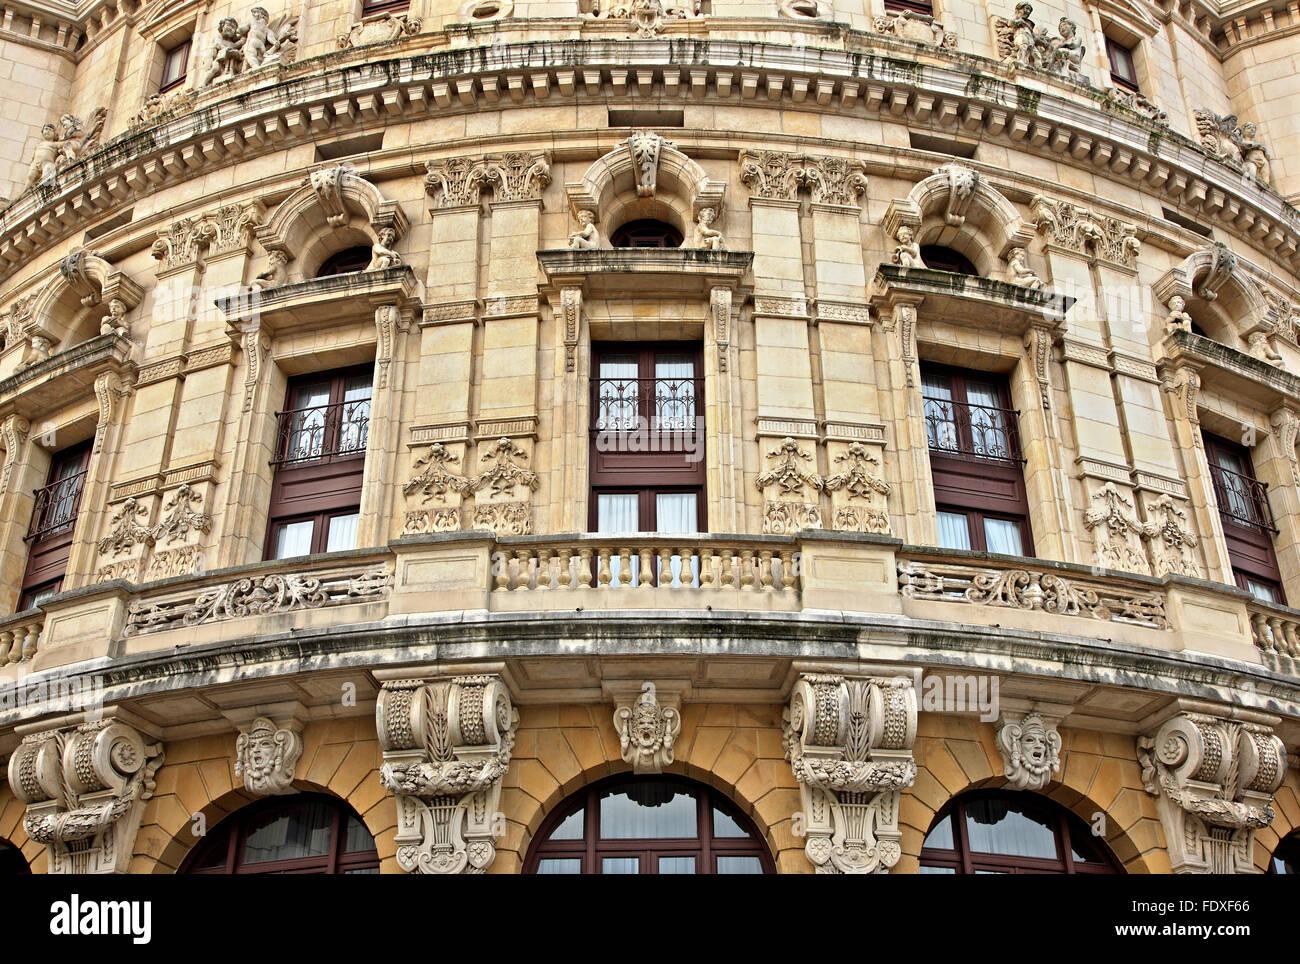 'Dettaglio' dalla facciata del Teatro Arriaga al Casco Viejo (il quartiere vecchio) della città di Immagini Stock